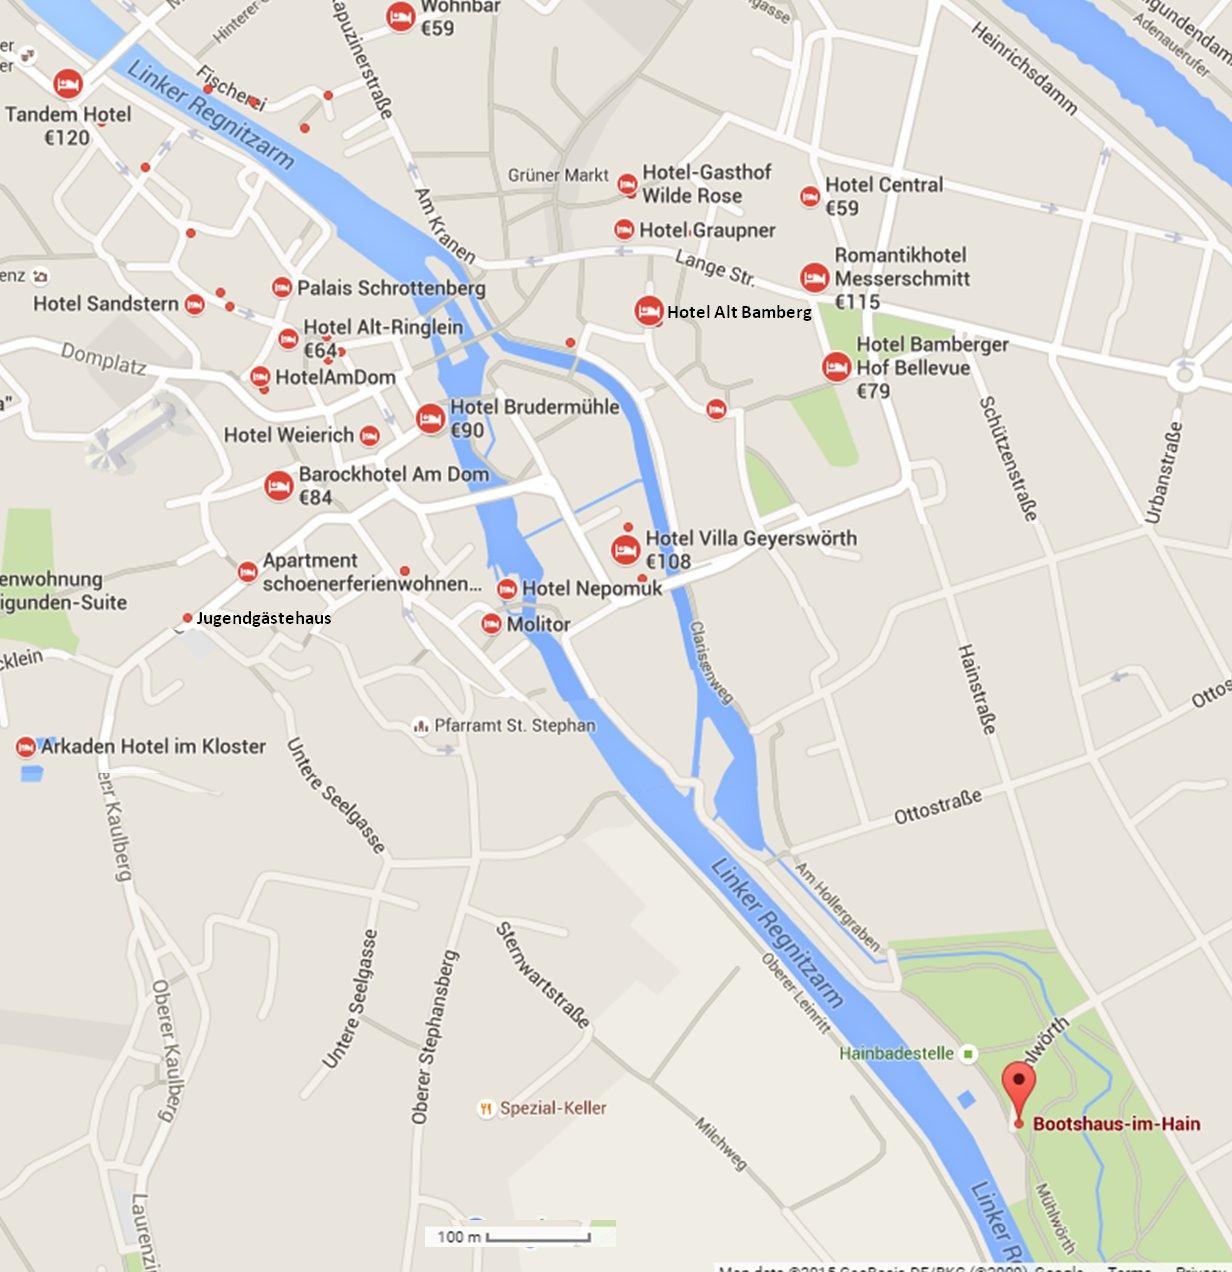 Karte Bamberg Landkarte.Willkommen Bei Christian Stenglein 4